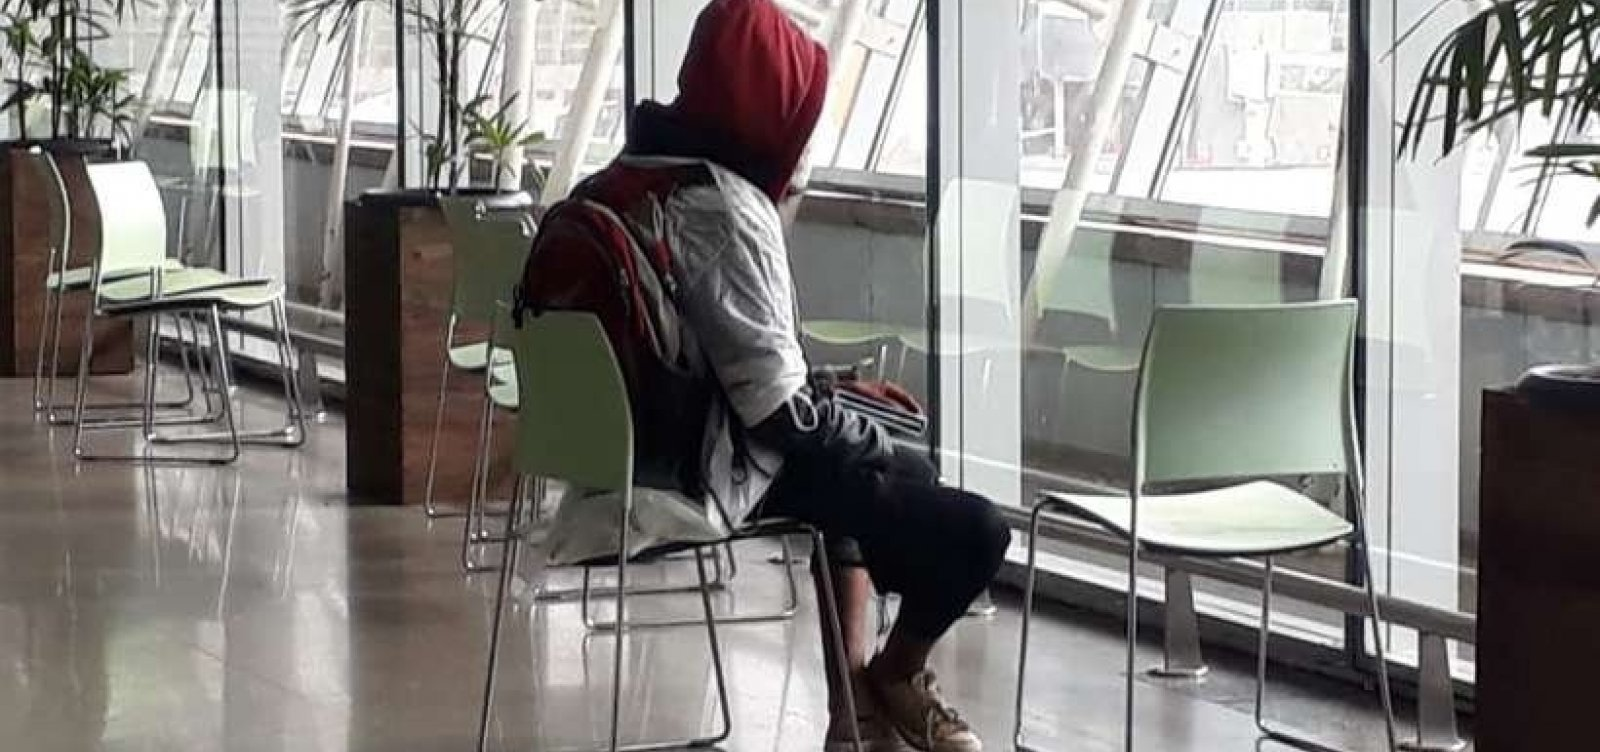 [Homem com pacote suspeito é detido no aeroporto de Brasília]